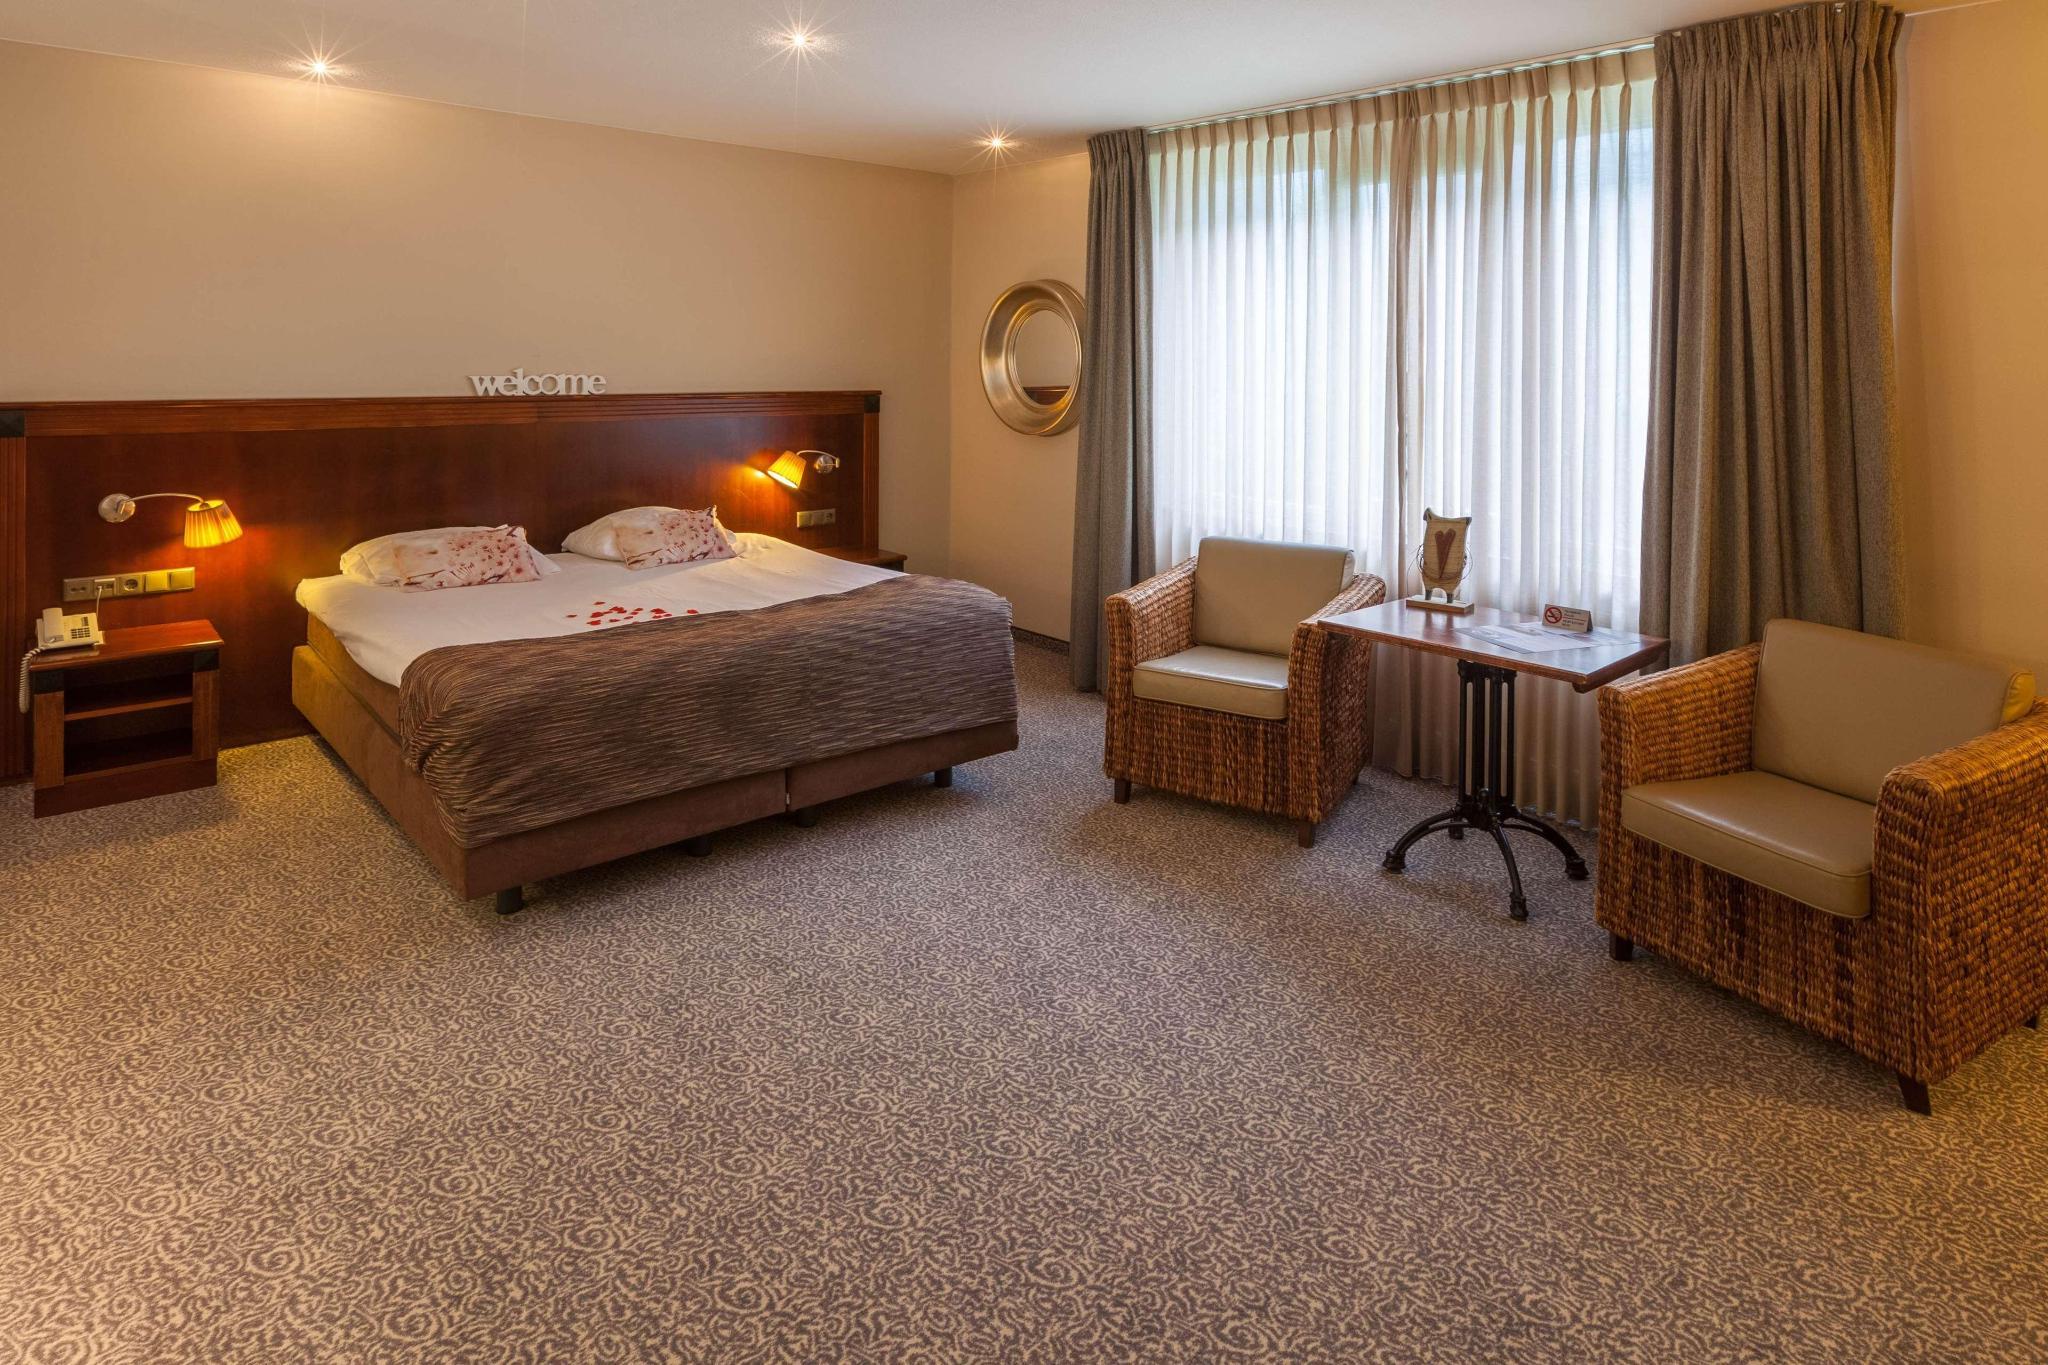 Suite queen size bed